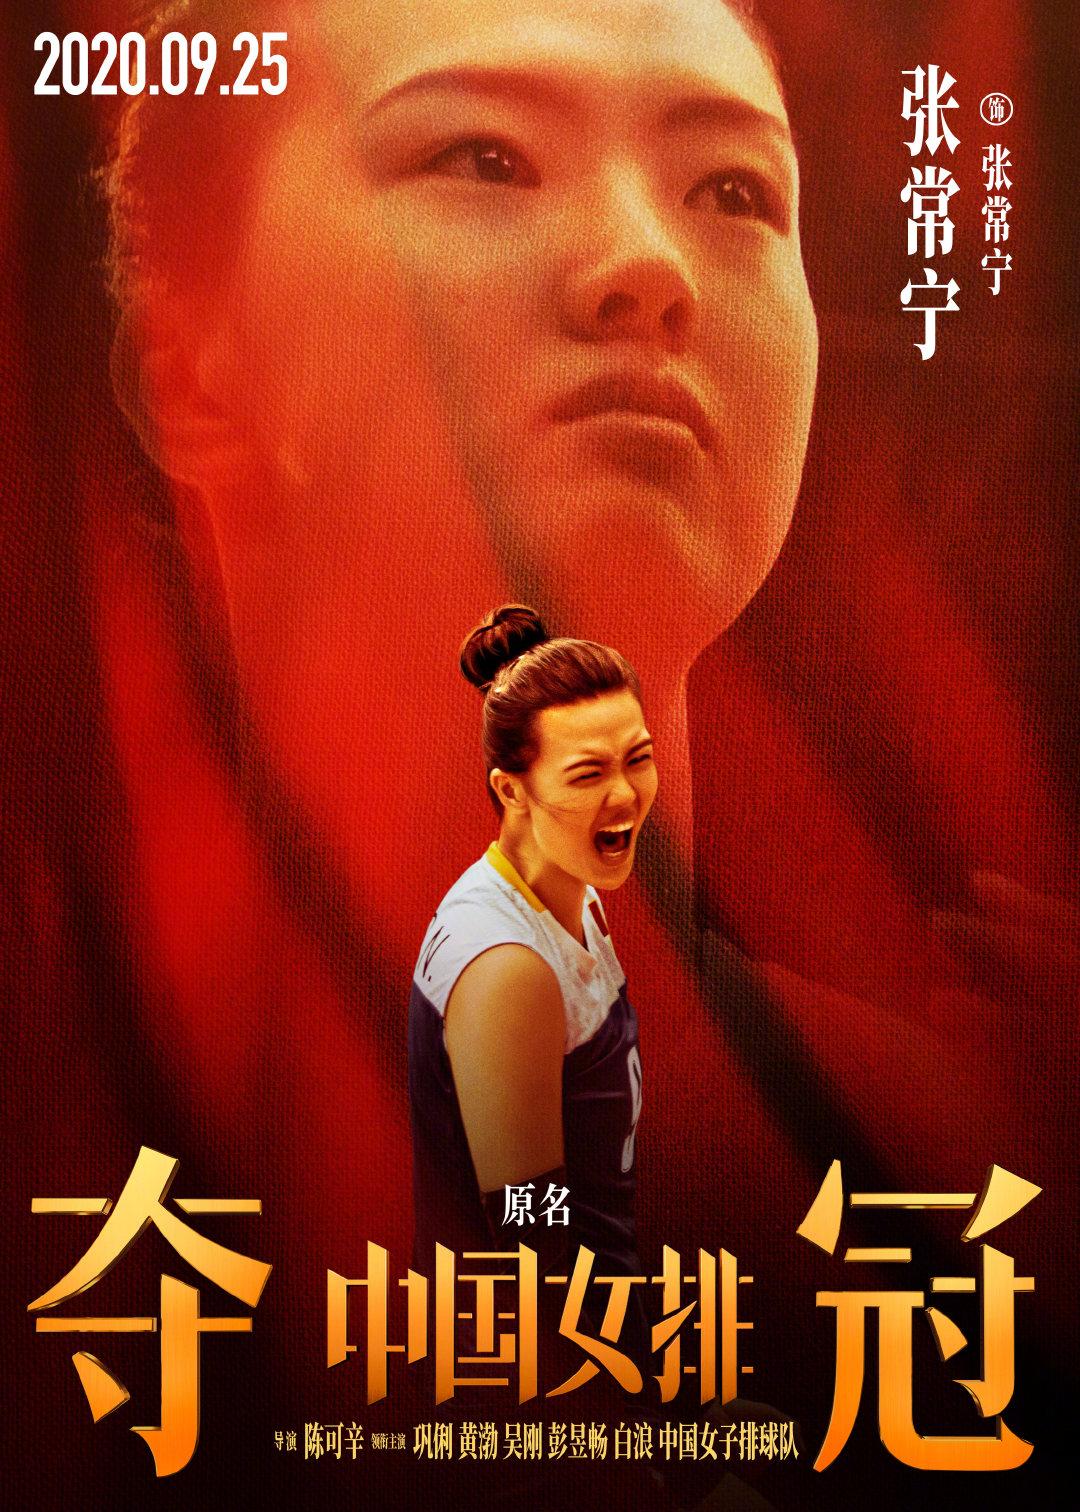 中国女排电影《夺冠》新预告及海报 巩俐黄渤主演